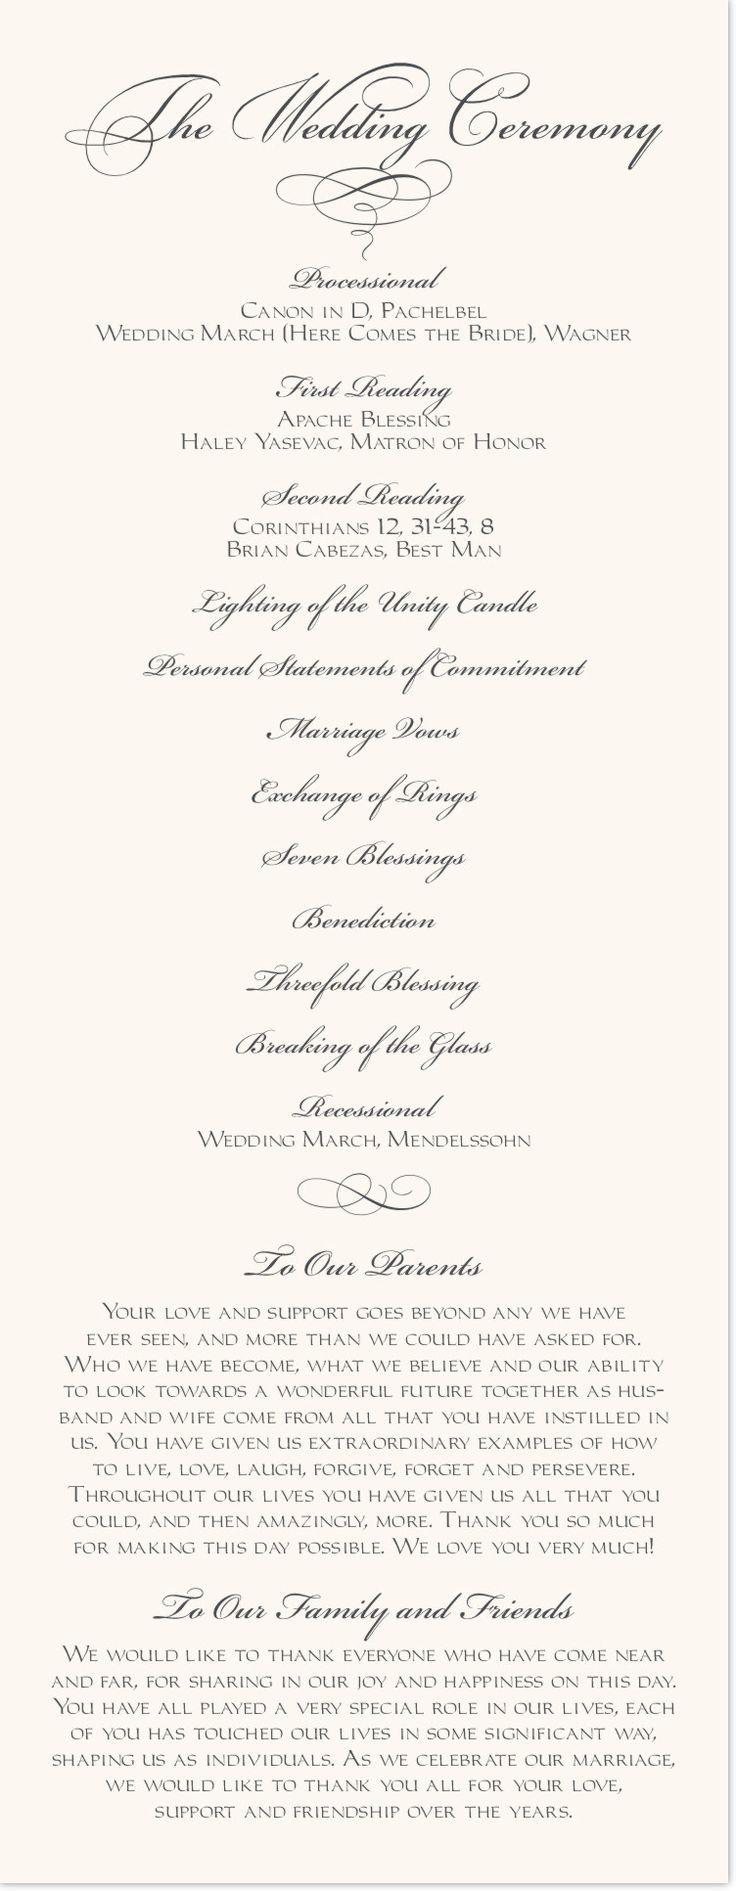 Silver Claddagh Border Wedding Programs